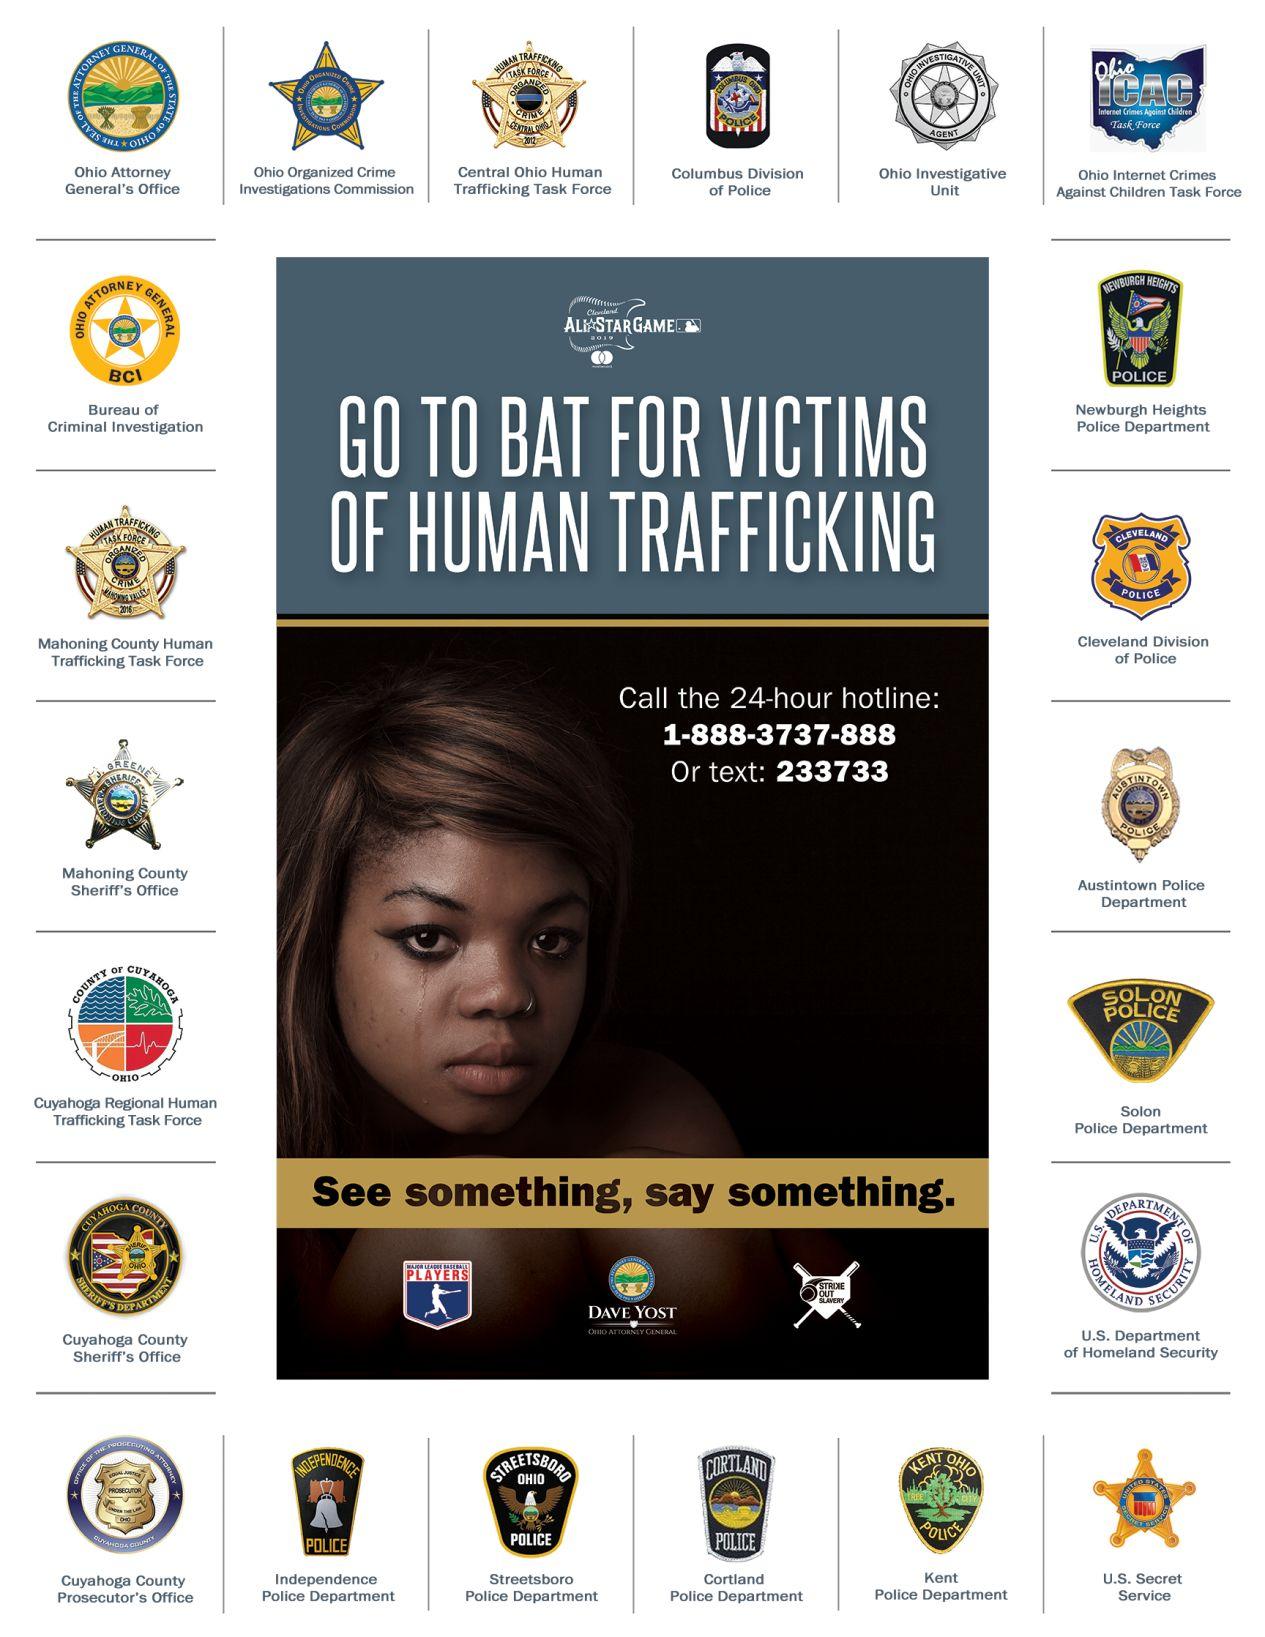 Human Trafficking Task Force arrests 49 for sex crimes